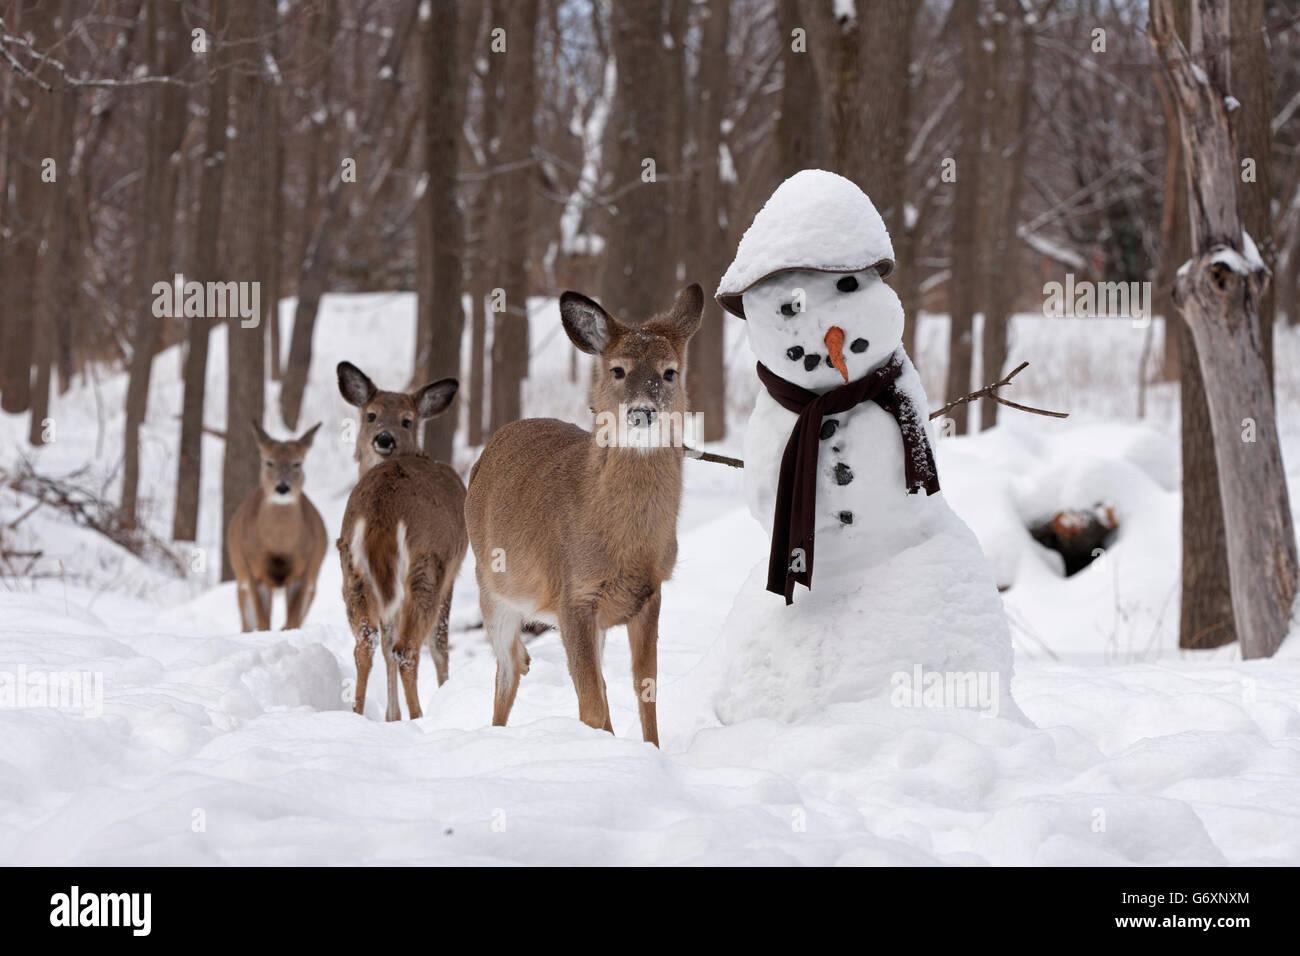 Venado en invierno, el muñeco de nieve Imagen De Stock